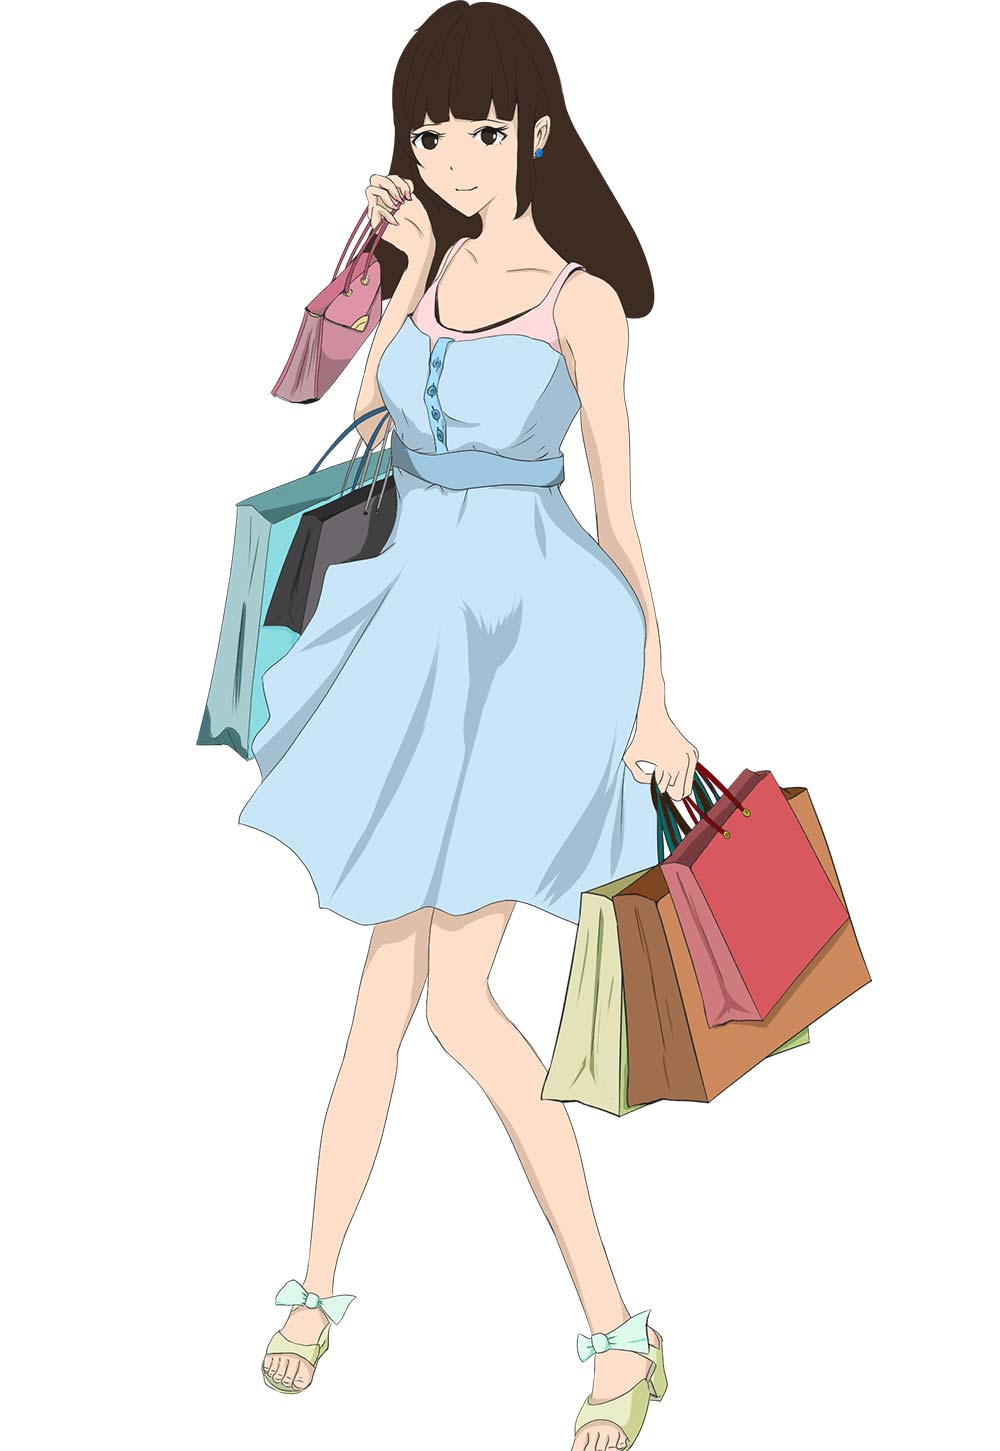 ショッピング中の女の子 - foolのイラスト